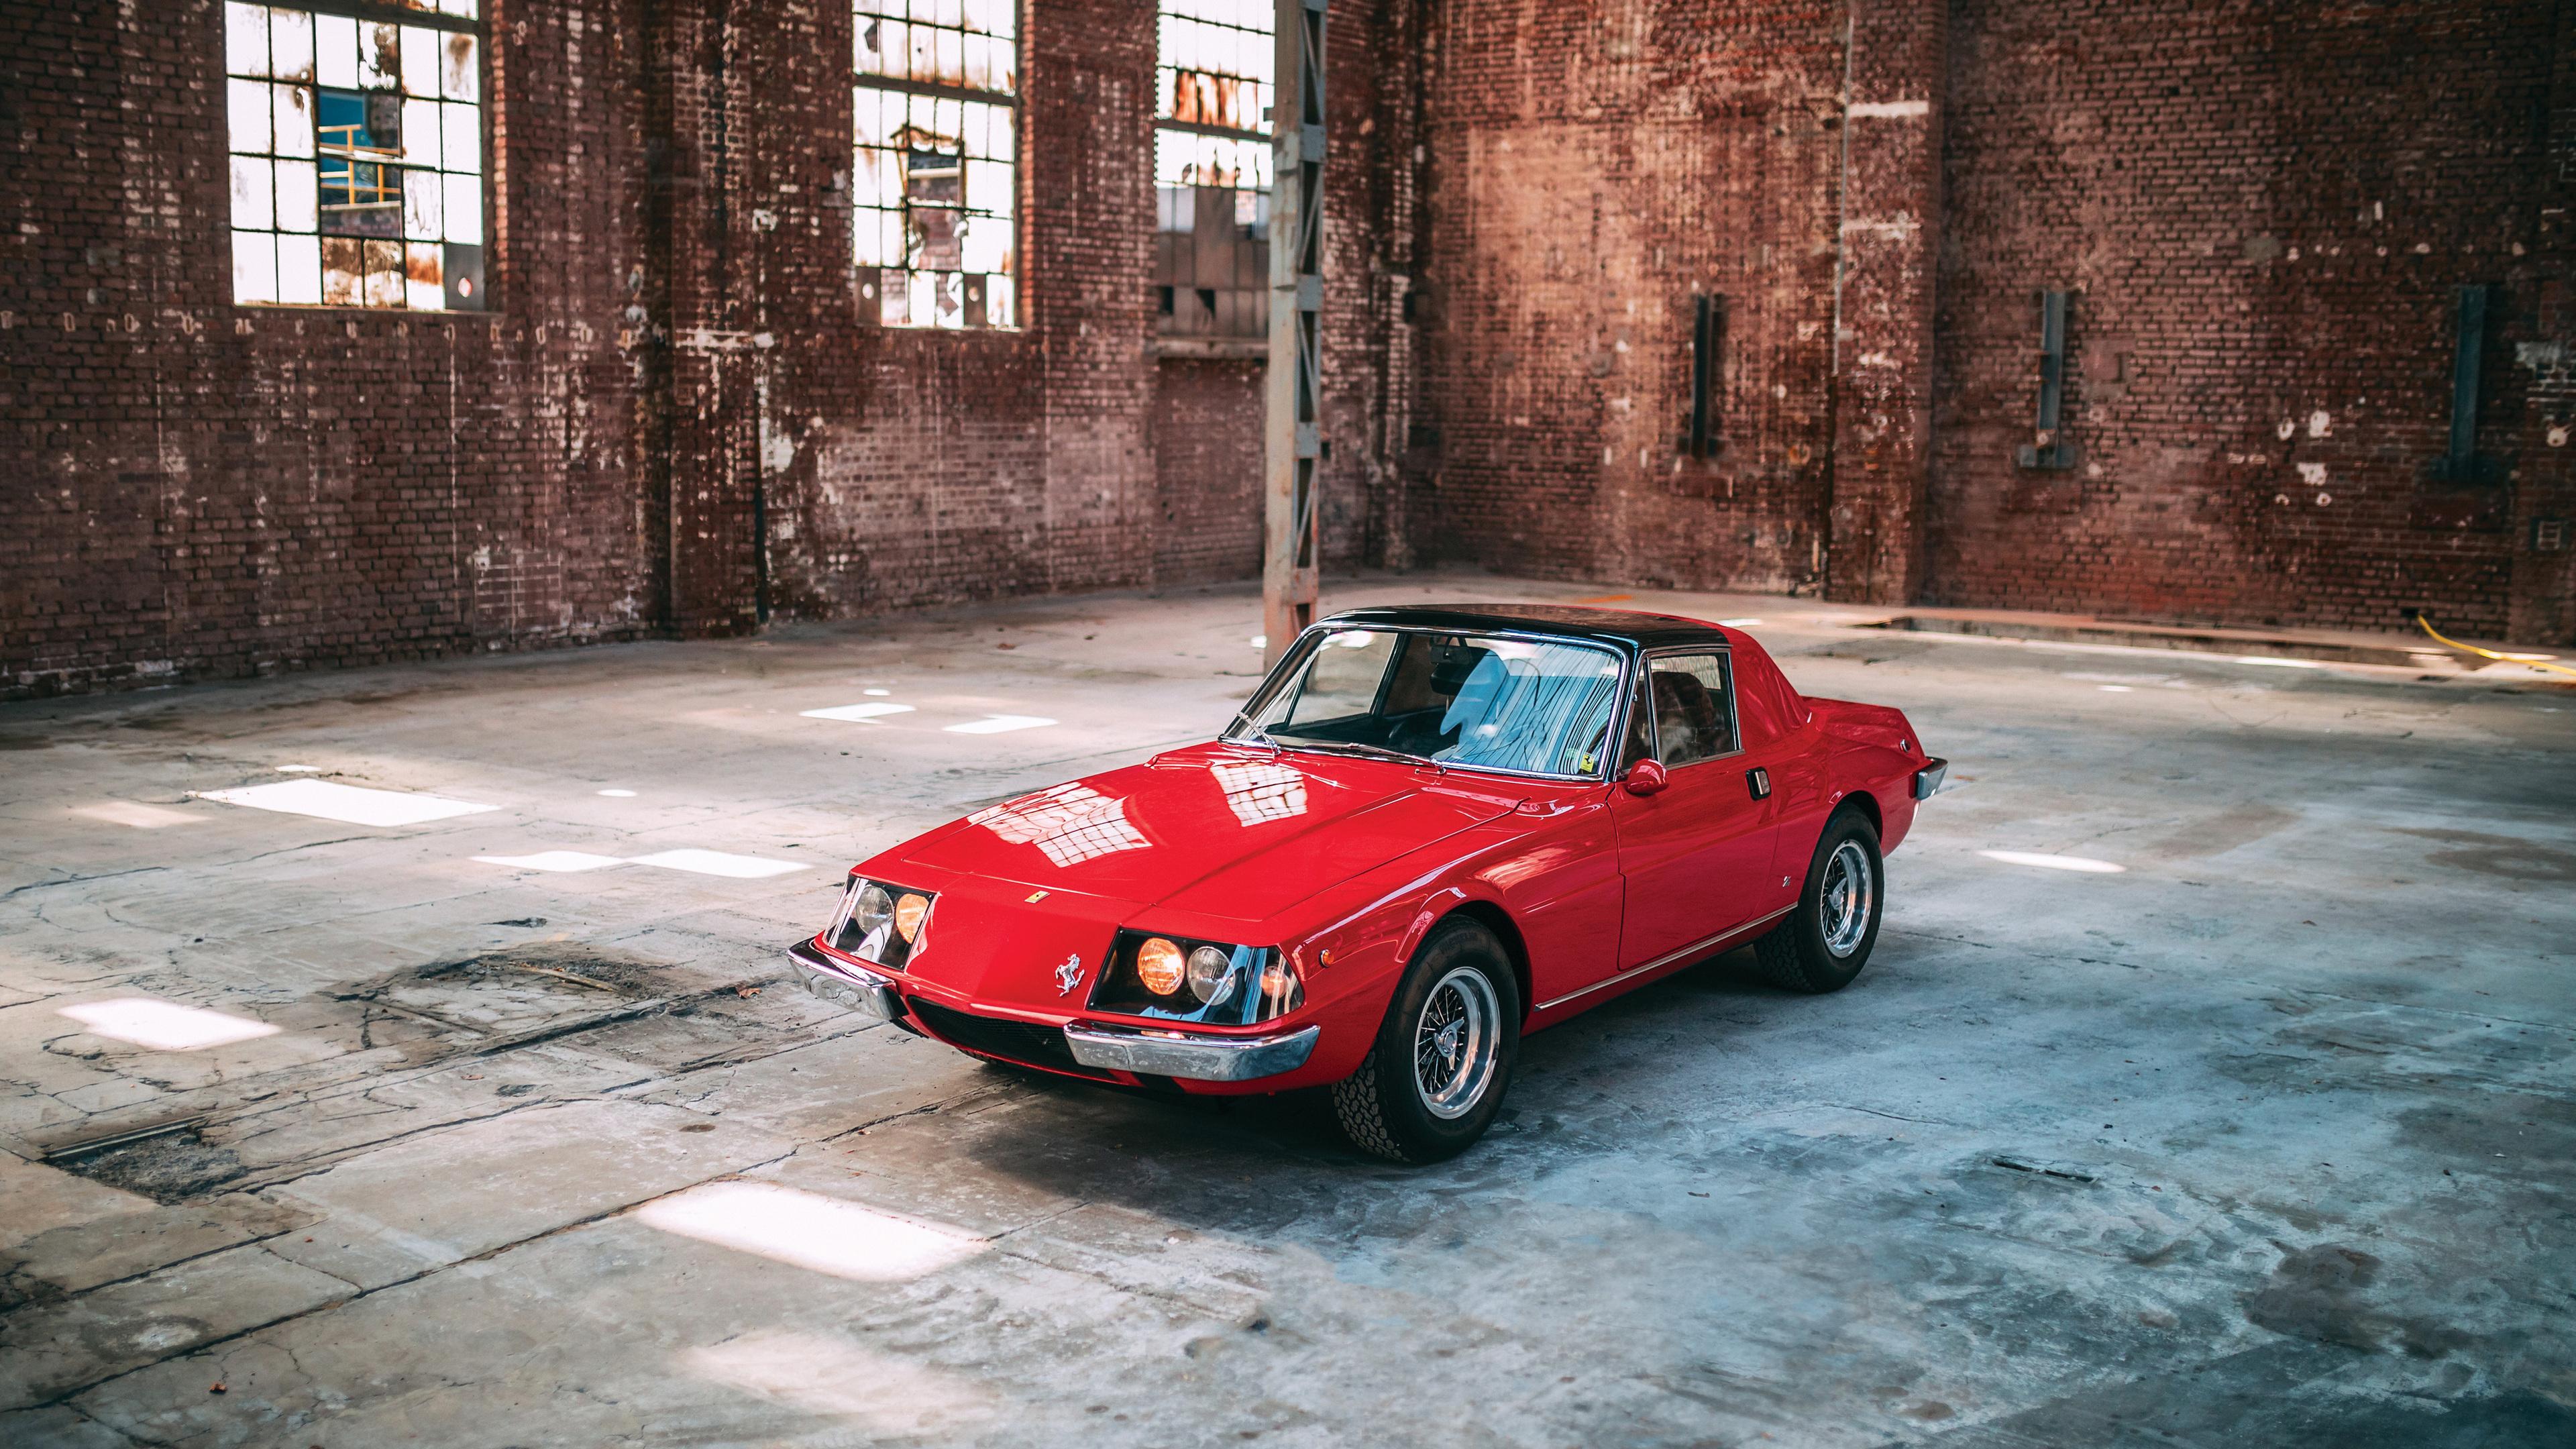 ferrari 3000 convertible 4k 1557260934 - Ferrari 3000 Convertible 4k - hd-wallpapers, ferrari wallpapers, cars wallpapers, 4k-wallpapers